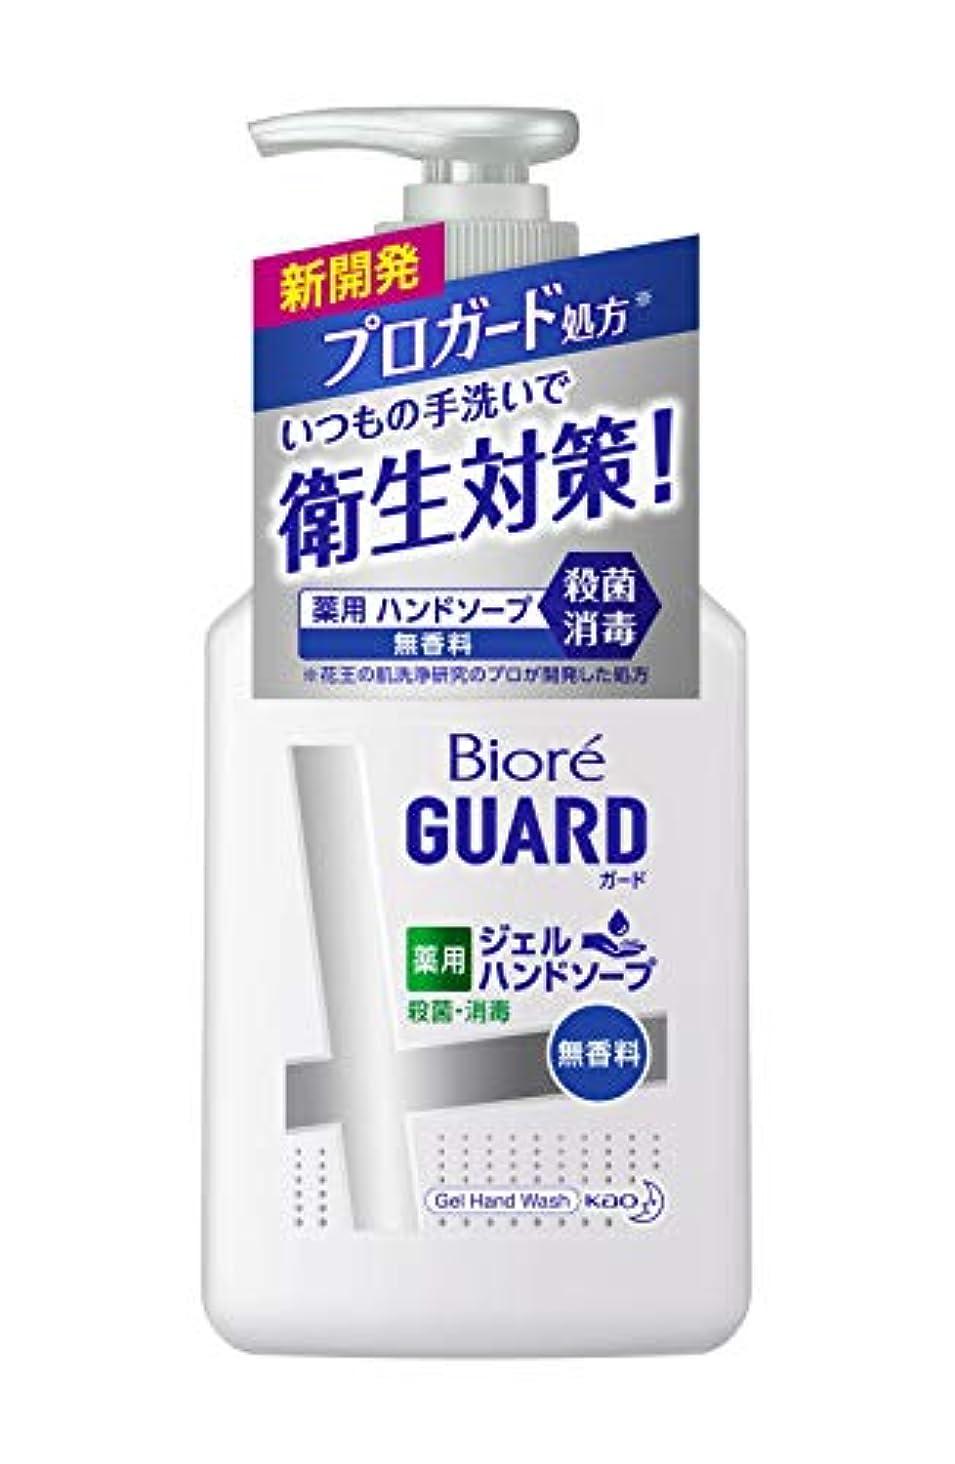 想定状態説明的ビオレ GUARD ハンドジェルソープ ポンプ 無香料 250ml